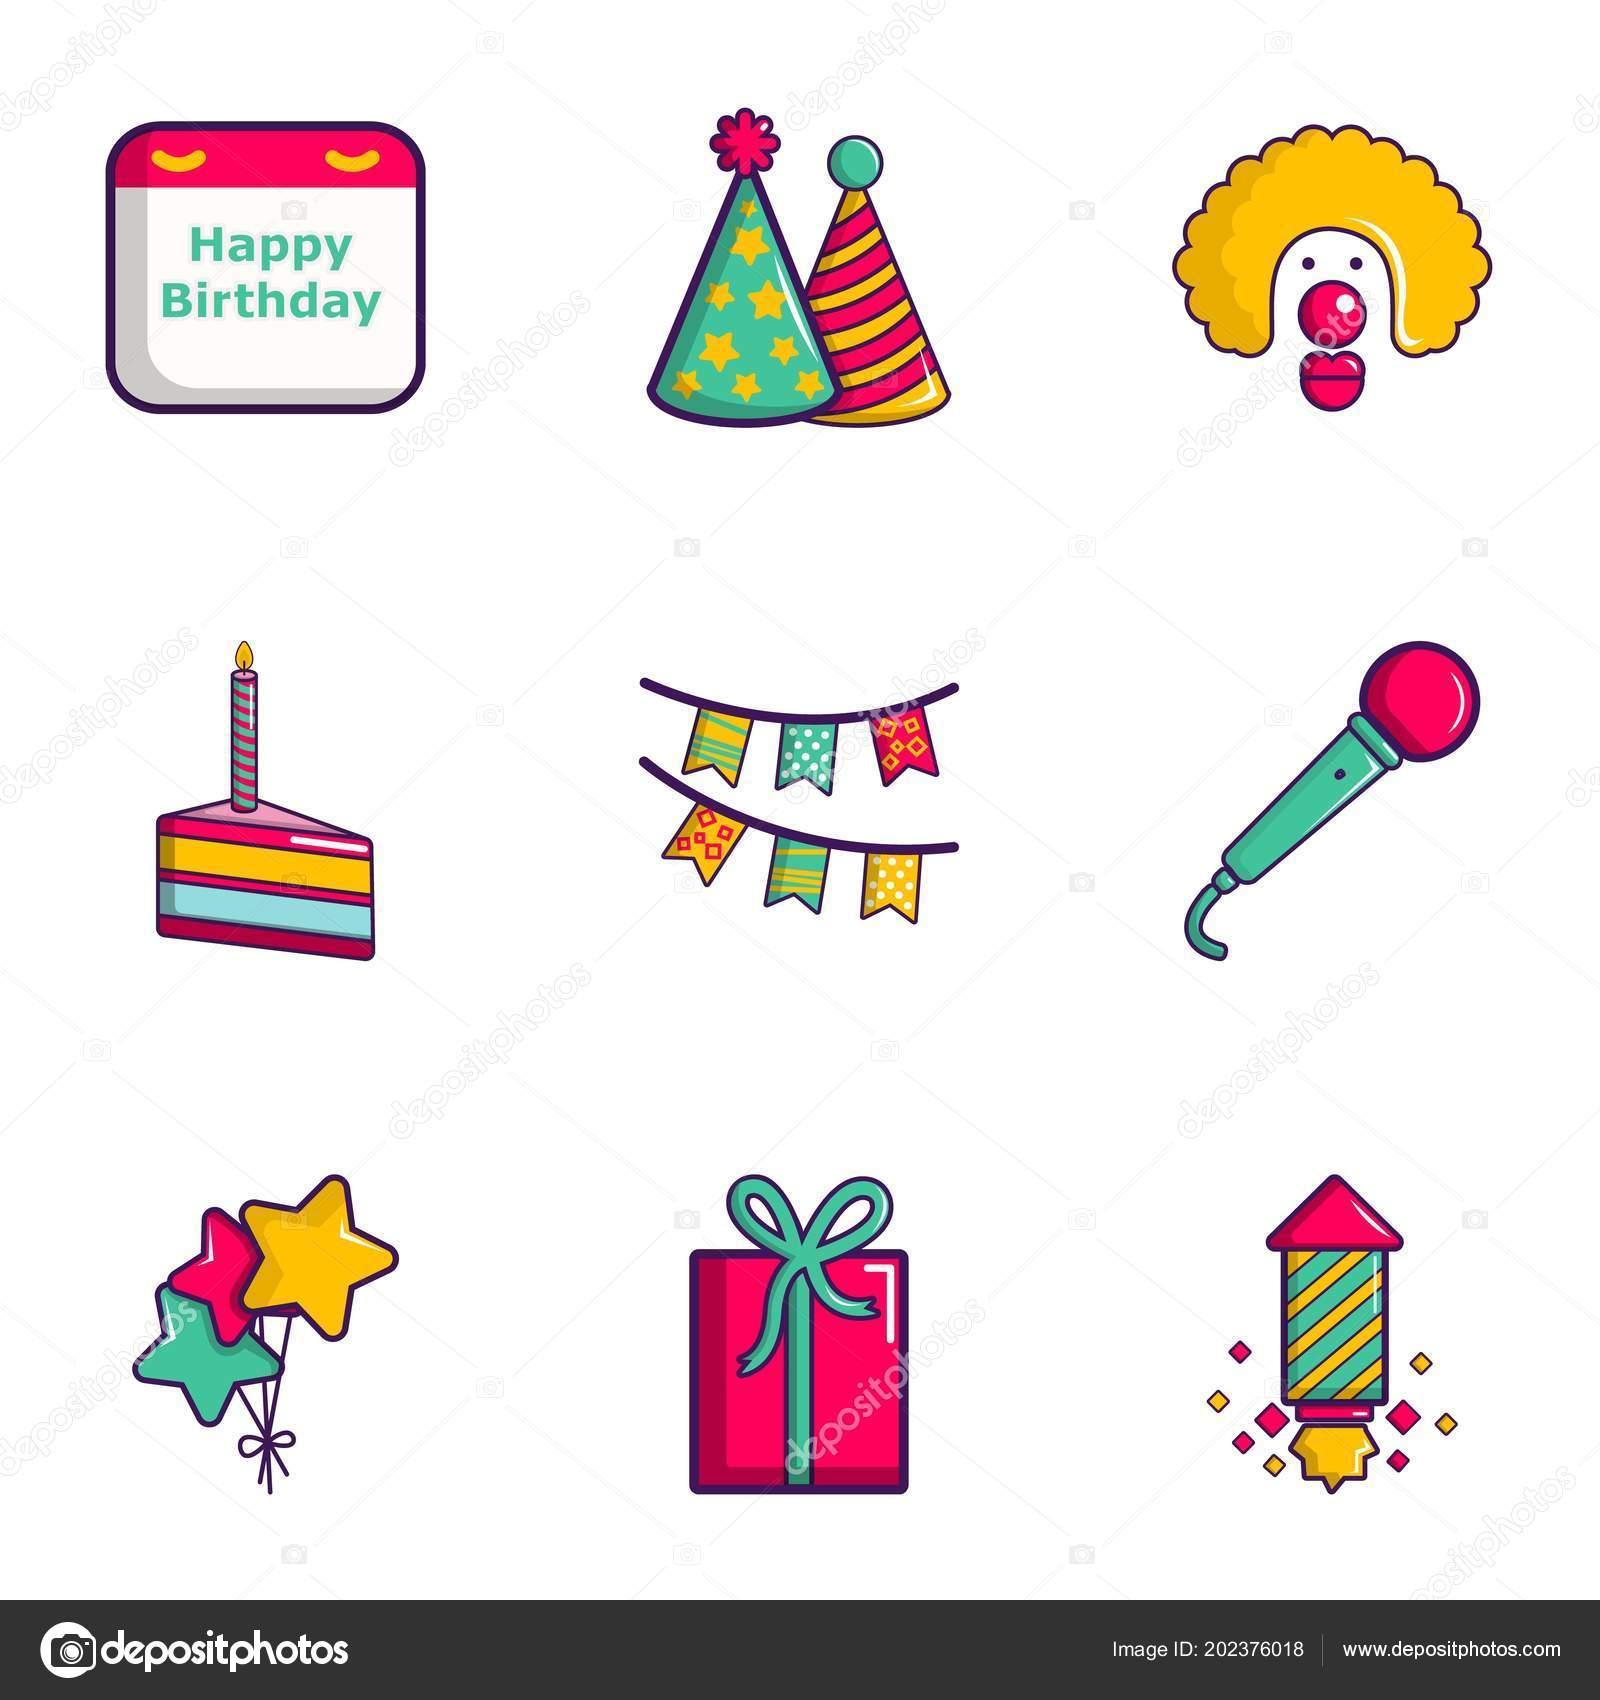 Icono de feliz cumpleanos gratis